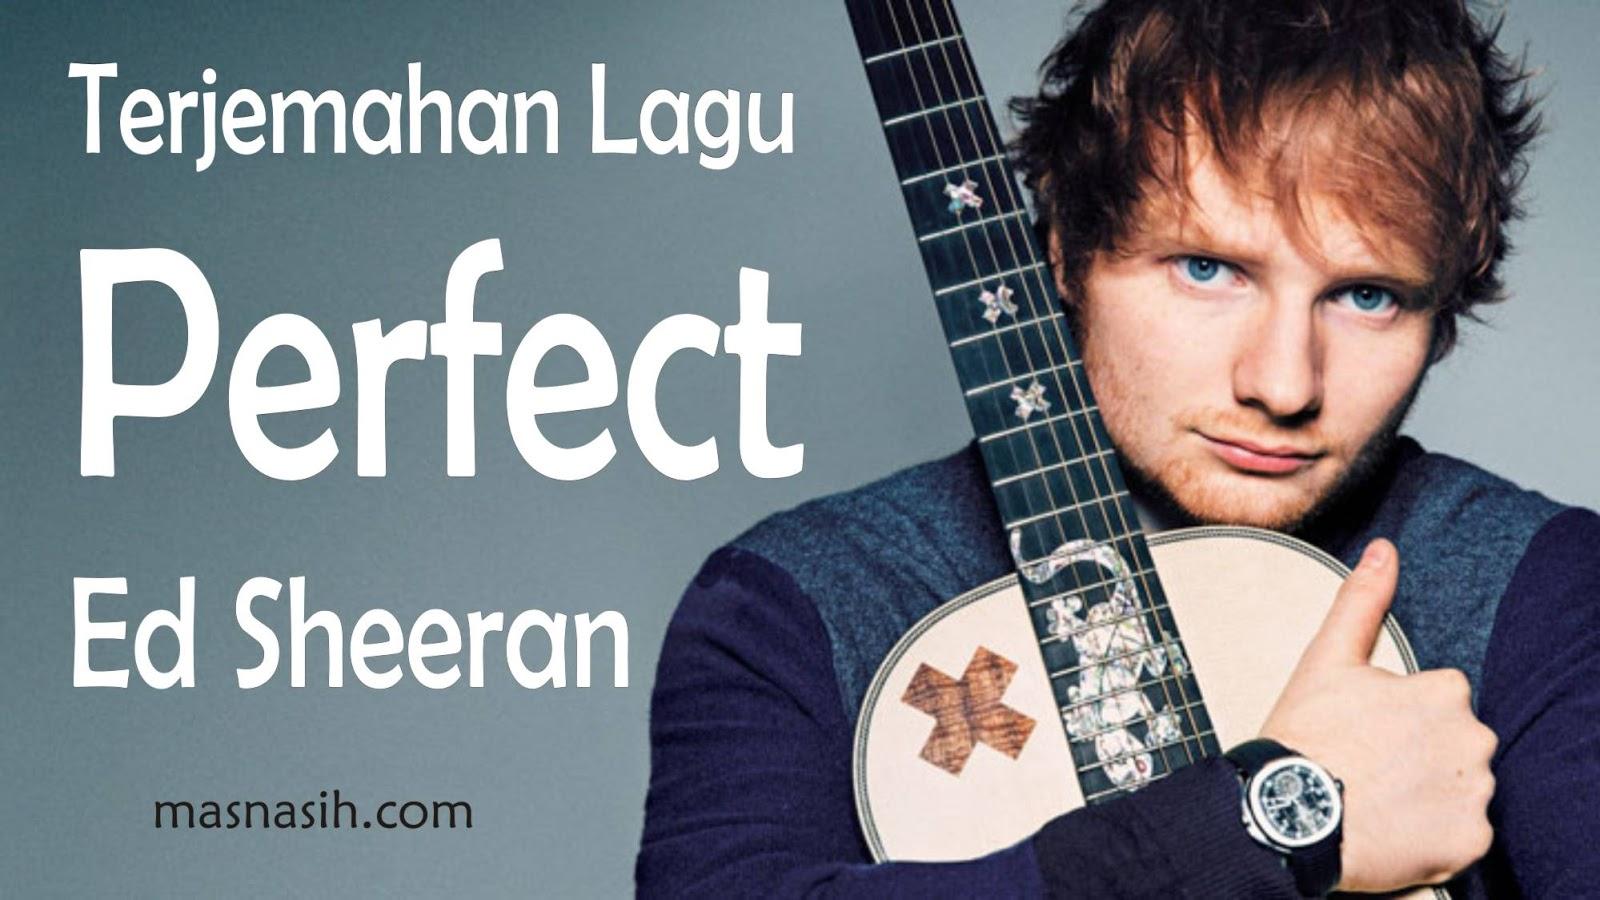 Foto Ed Sheeran Perfect